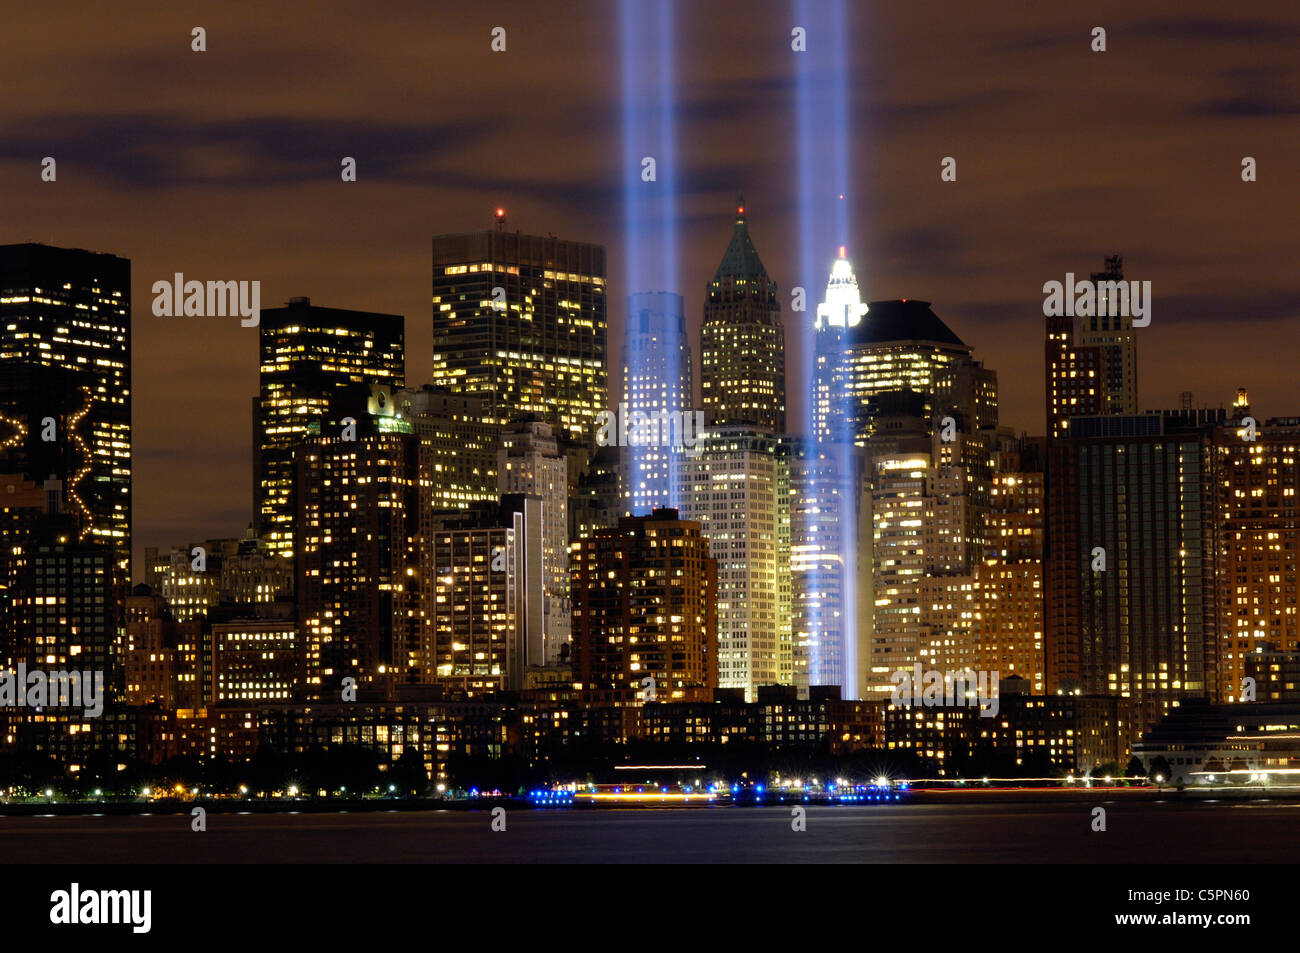 """Gedenkstätte """"Tribute in Light"""" ist im Gedenken an die Ereignisse des 11. September 2001. Stockbild"""